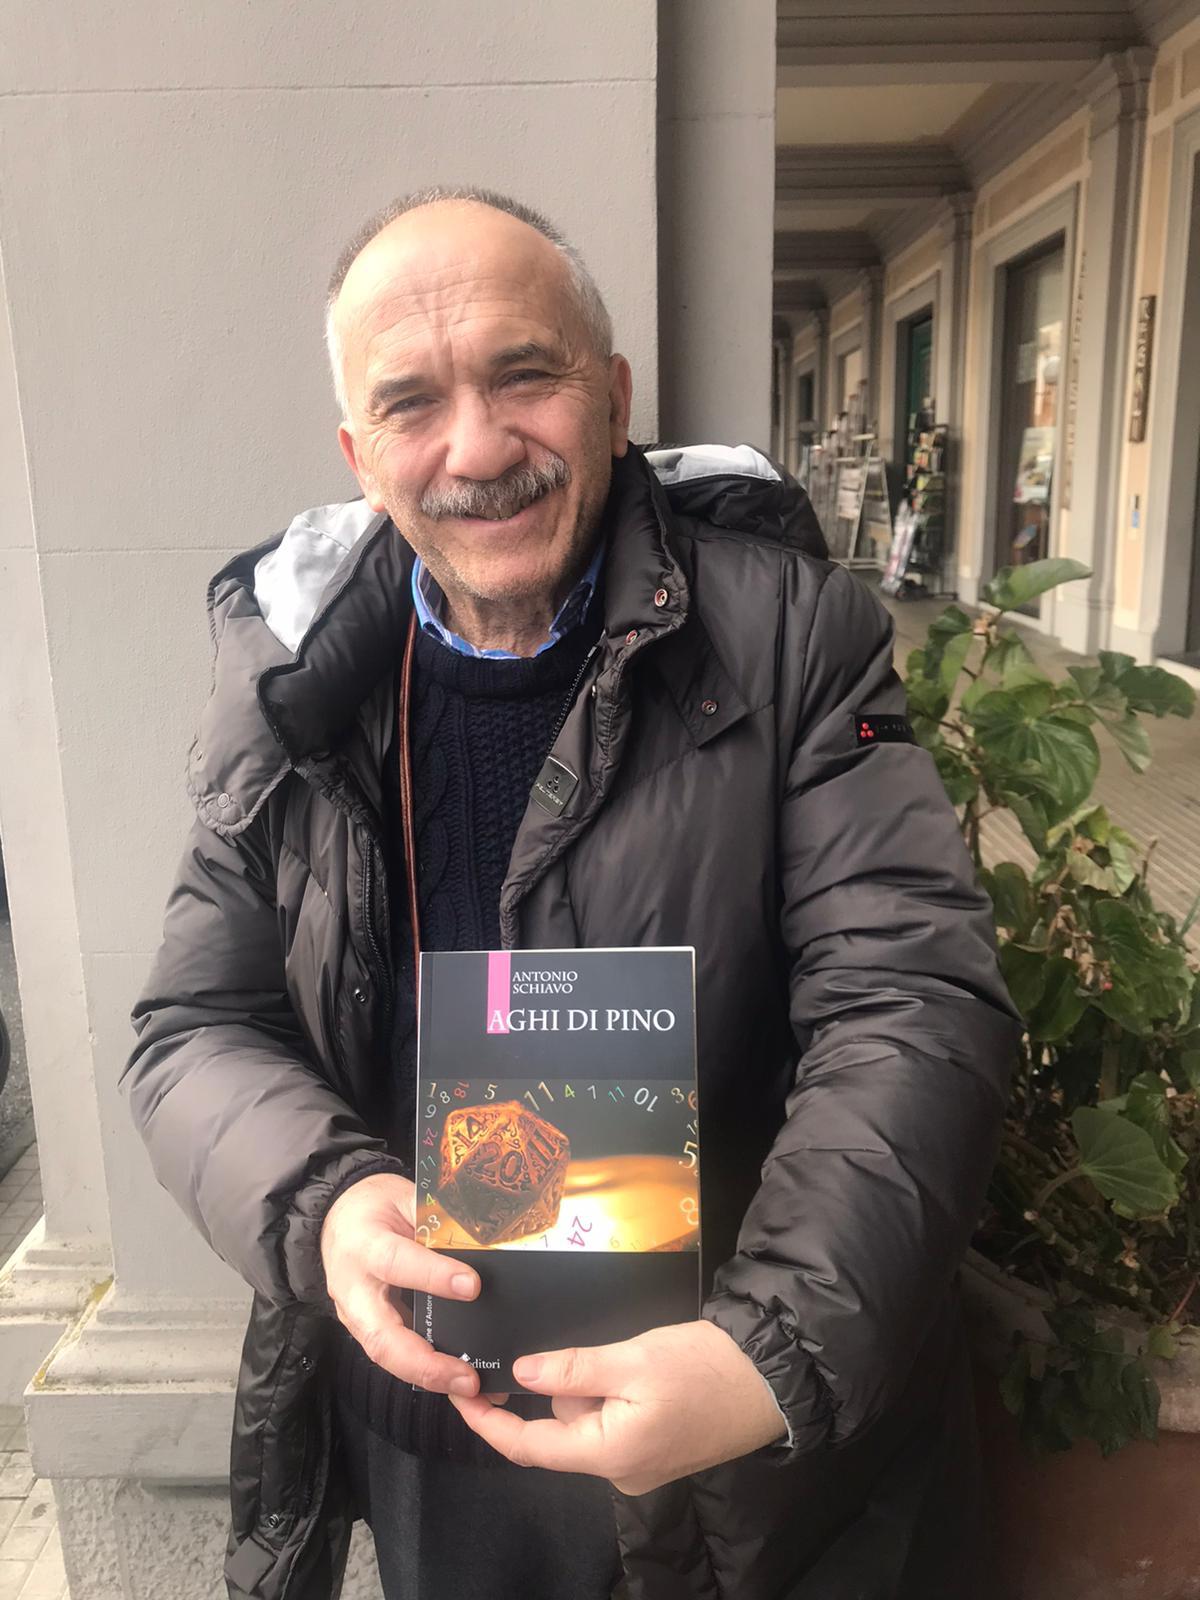 Antonio Schiavo, autore diAghi di Pino